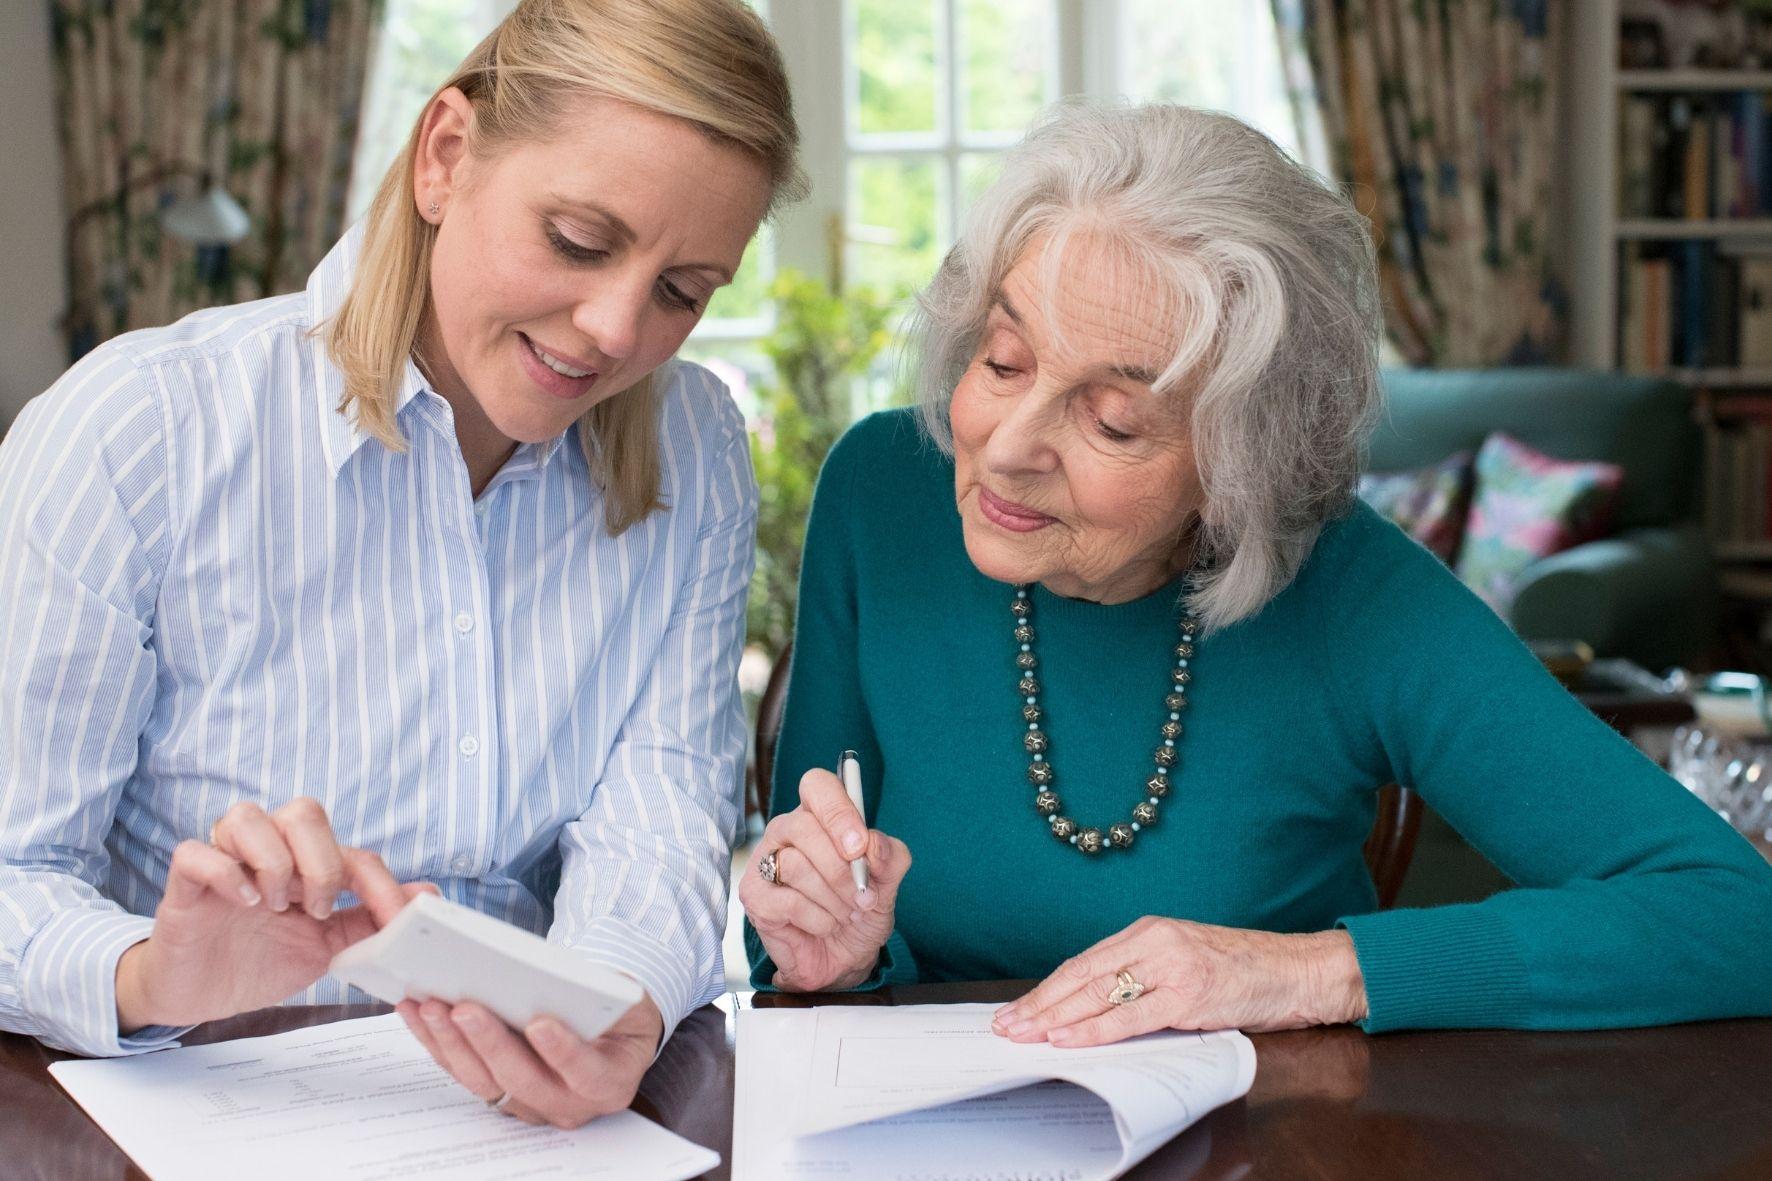 L'aide administrative aux personnes âgées : une solution pour préserver leur autonomie